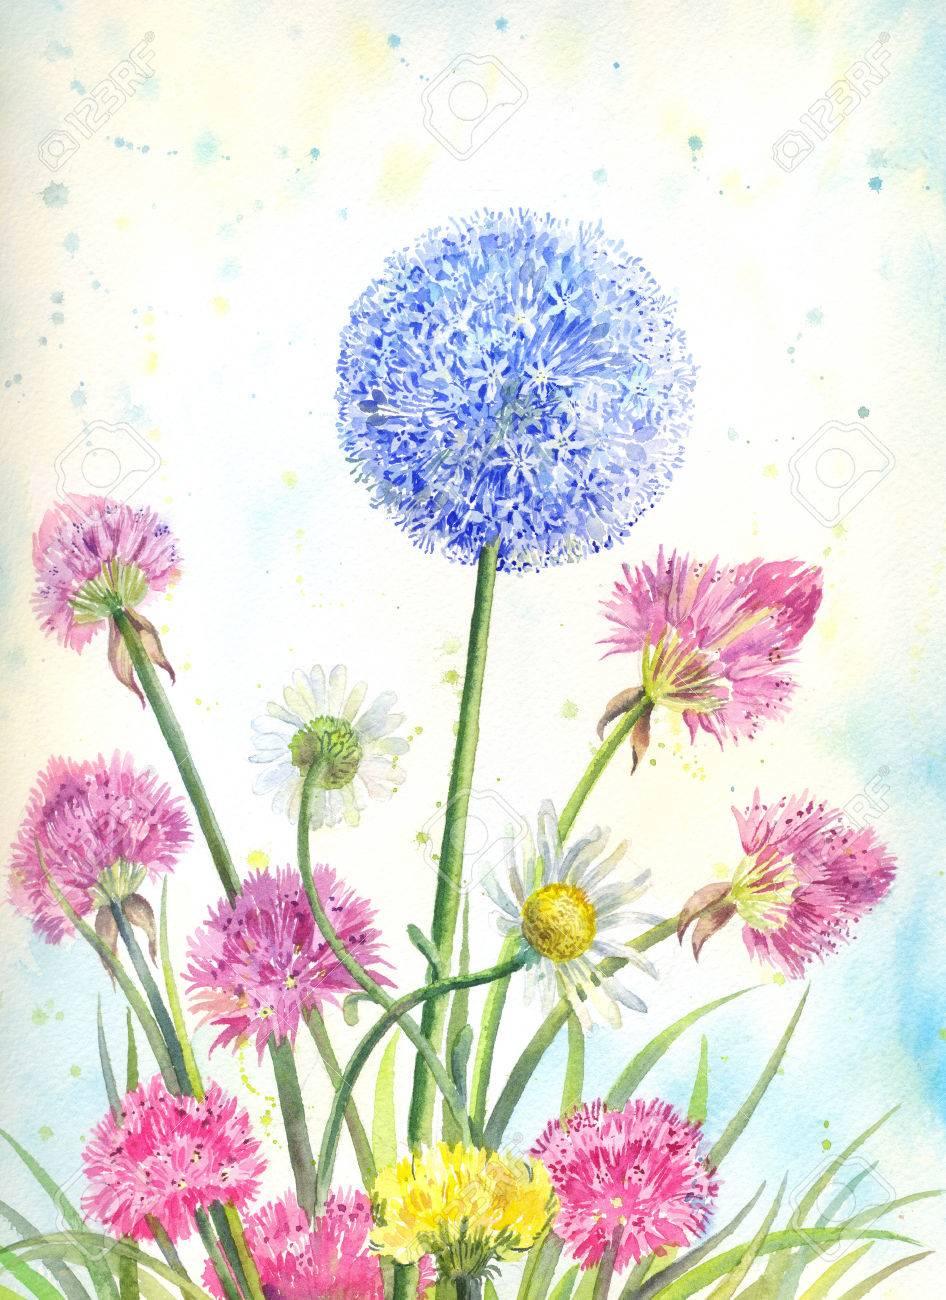 Bouquet De Fleurs Sauvages A L Aquarelle Illustration Florale D Ete